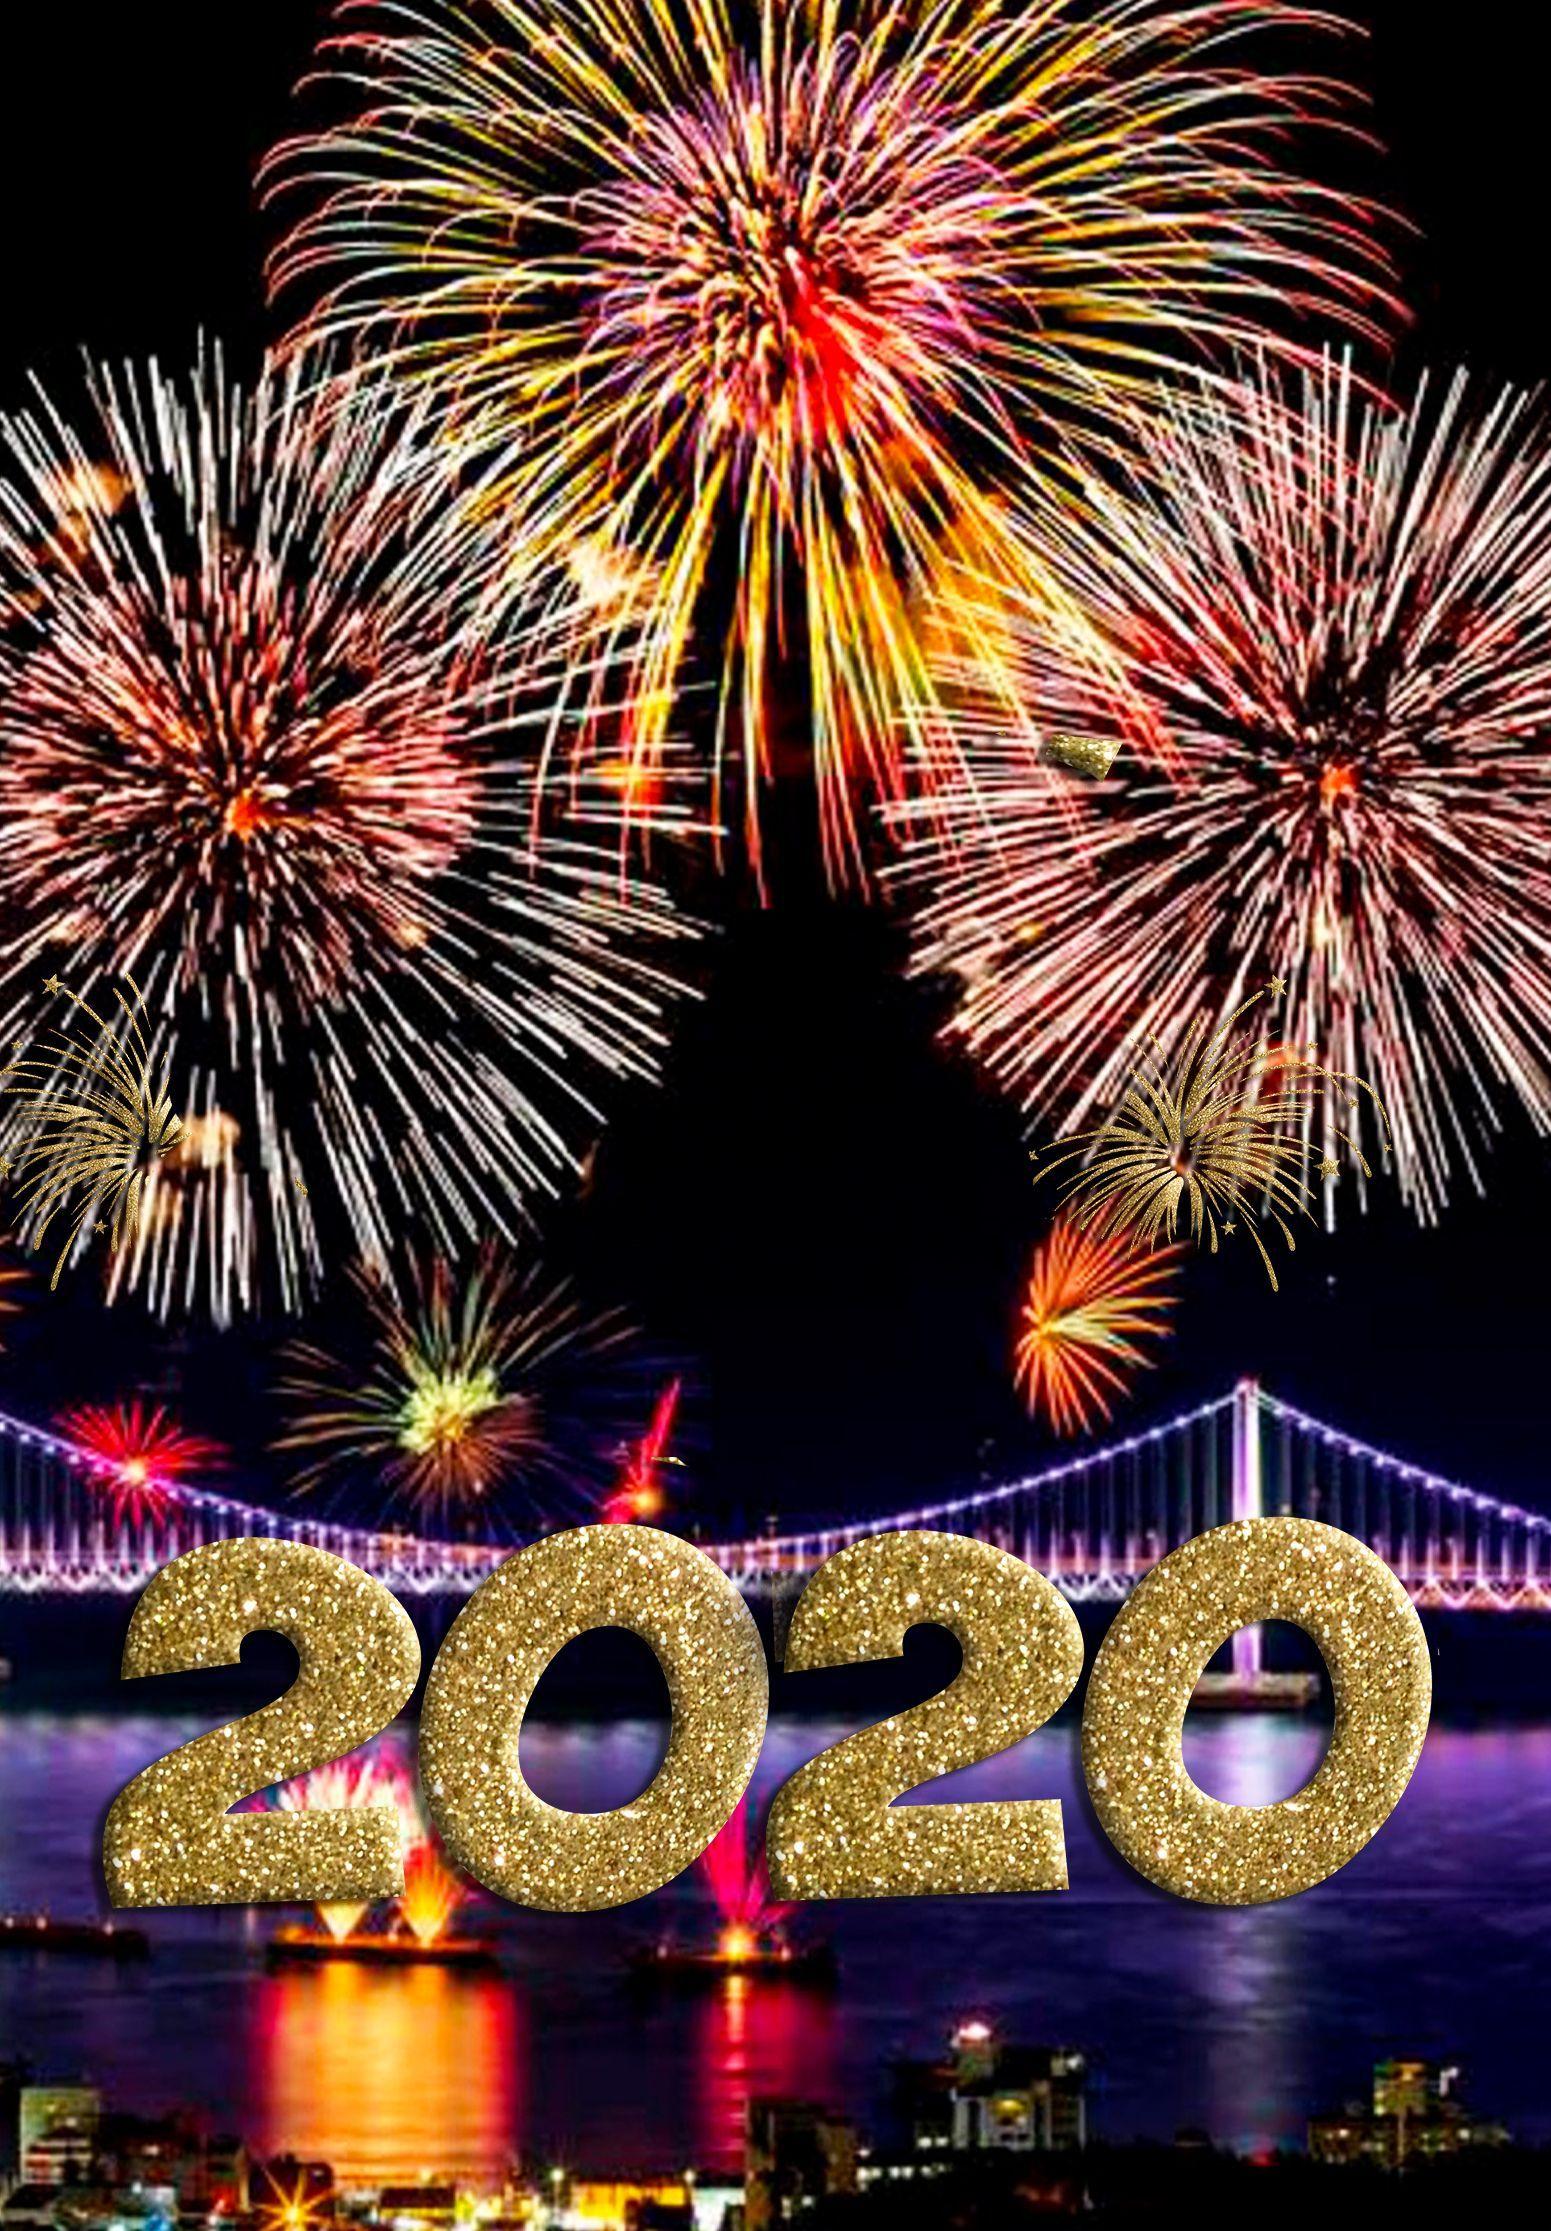 Bilder Zum Neuen Jahr Frohes neues Jahr in 2020 | Happy new year pictures, Happy new